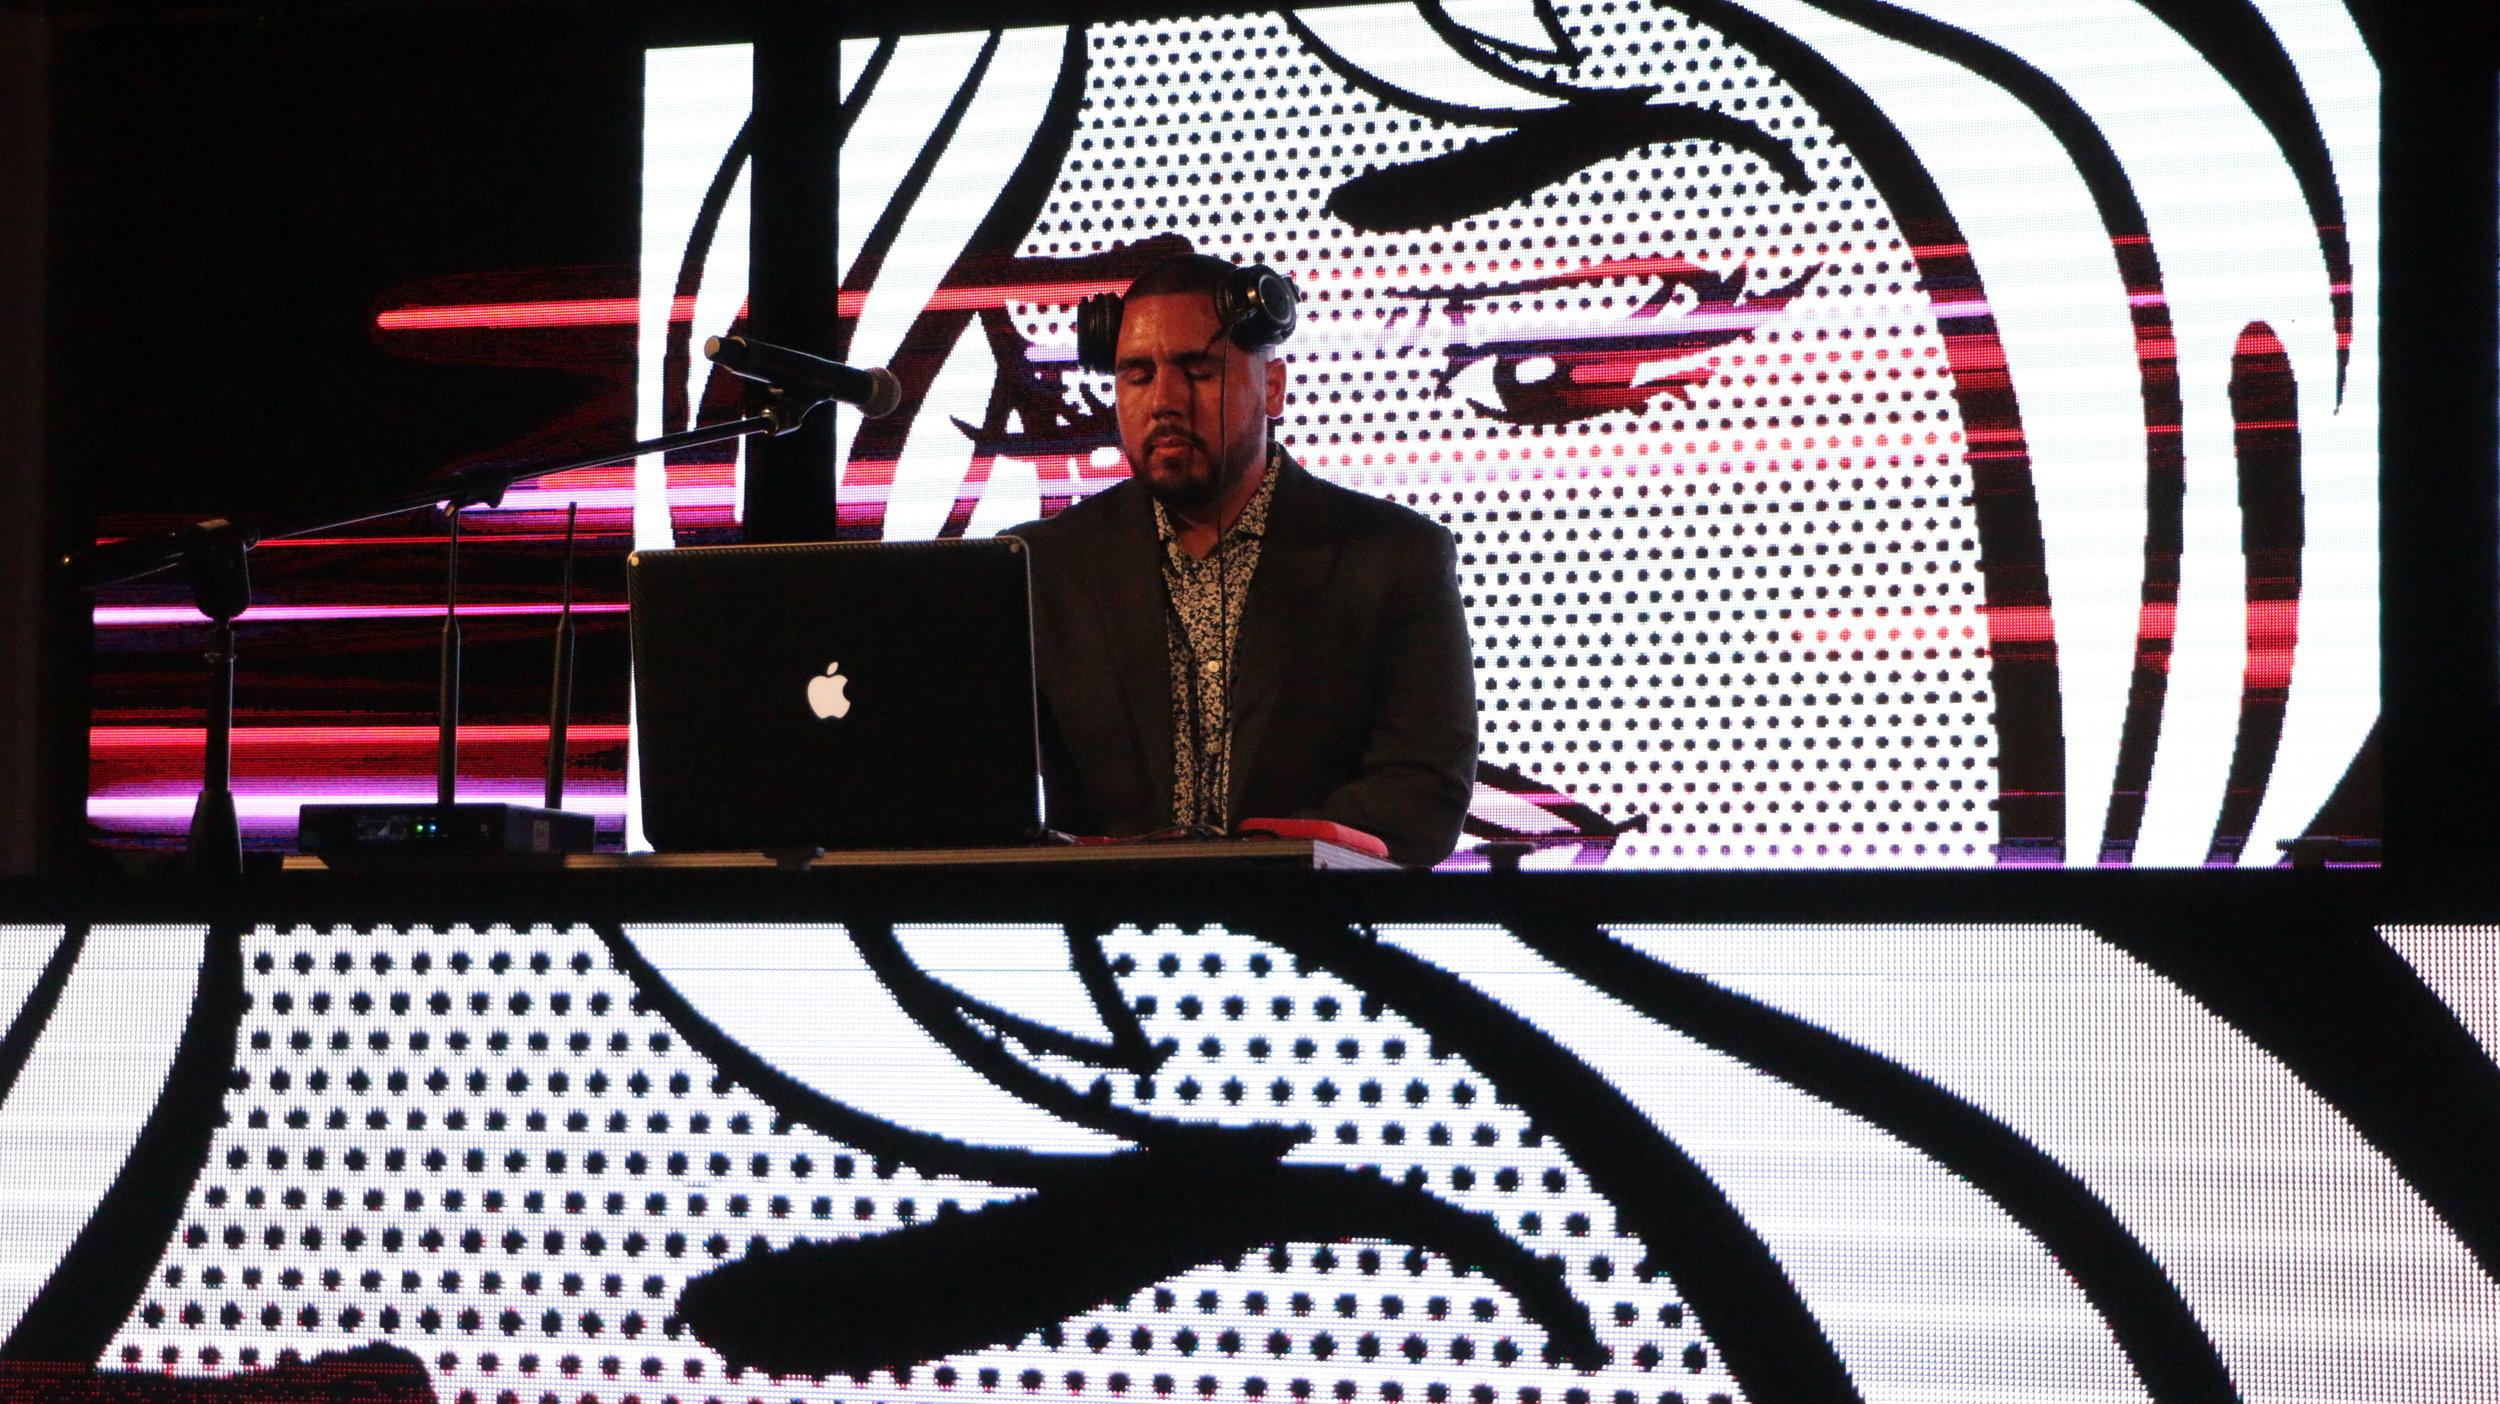 DJ LED Video Wall